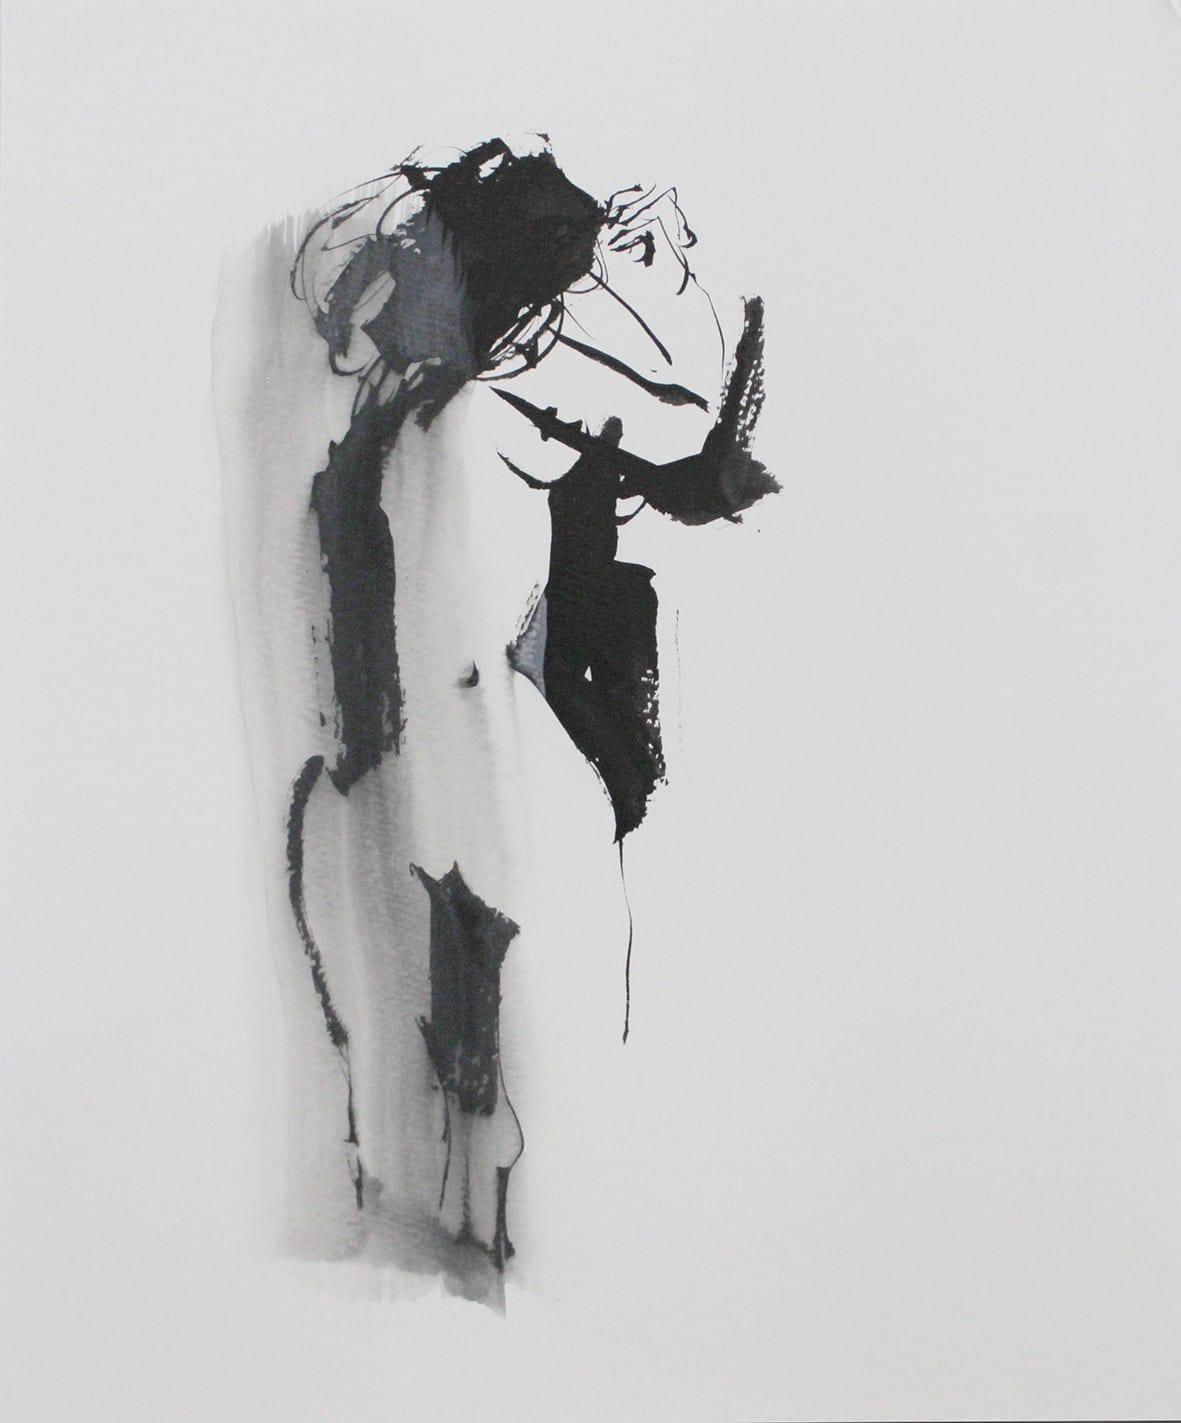 Kingsley Gunatillake, Yen 11, 2017